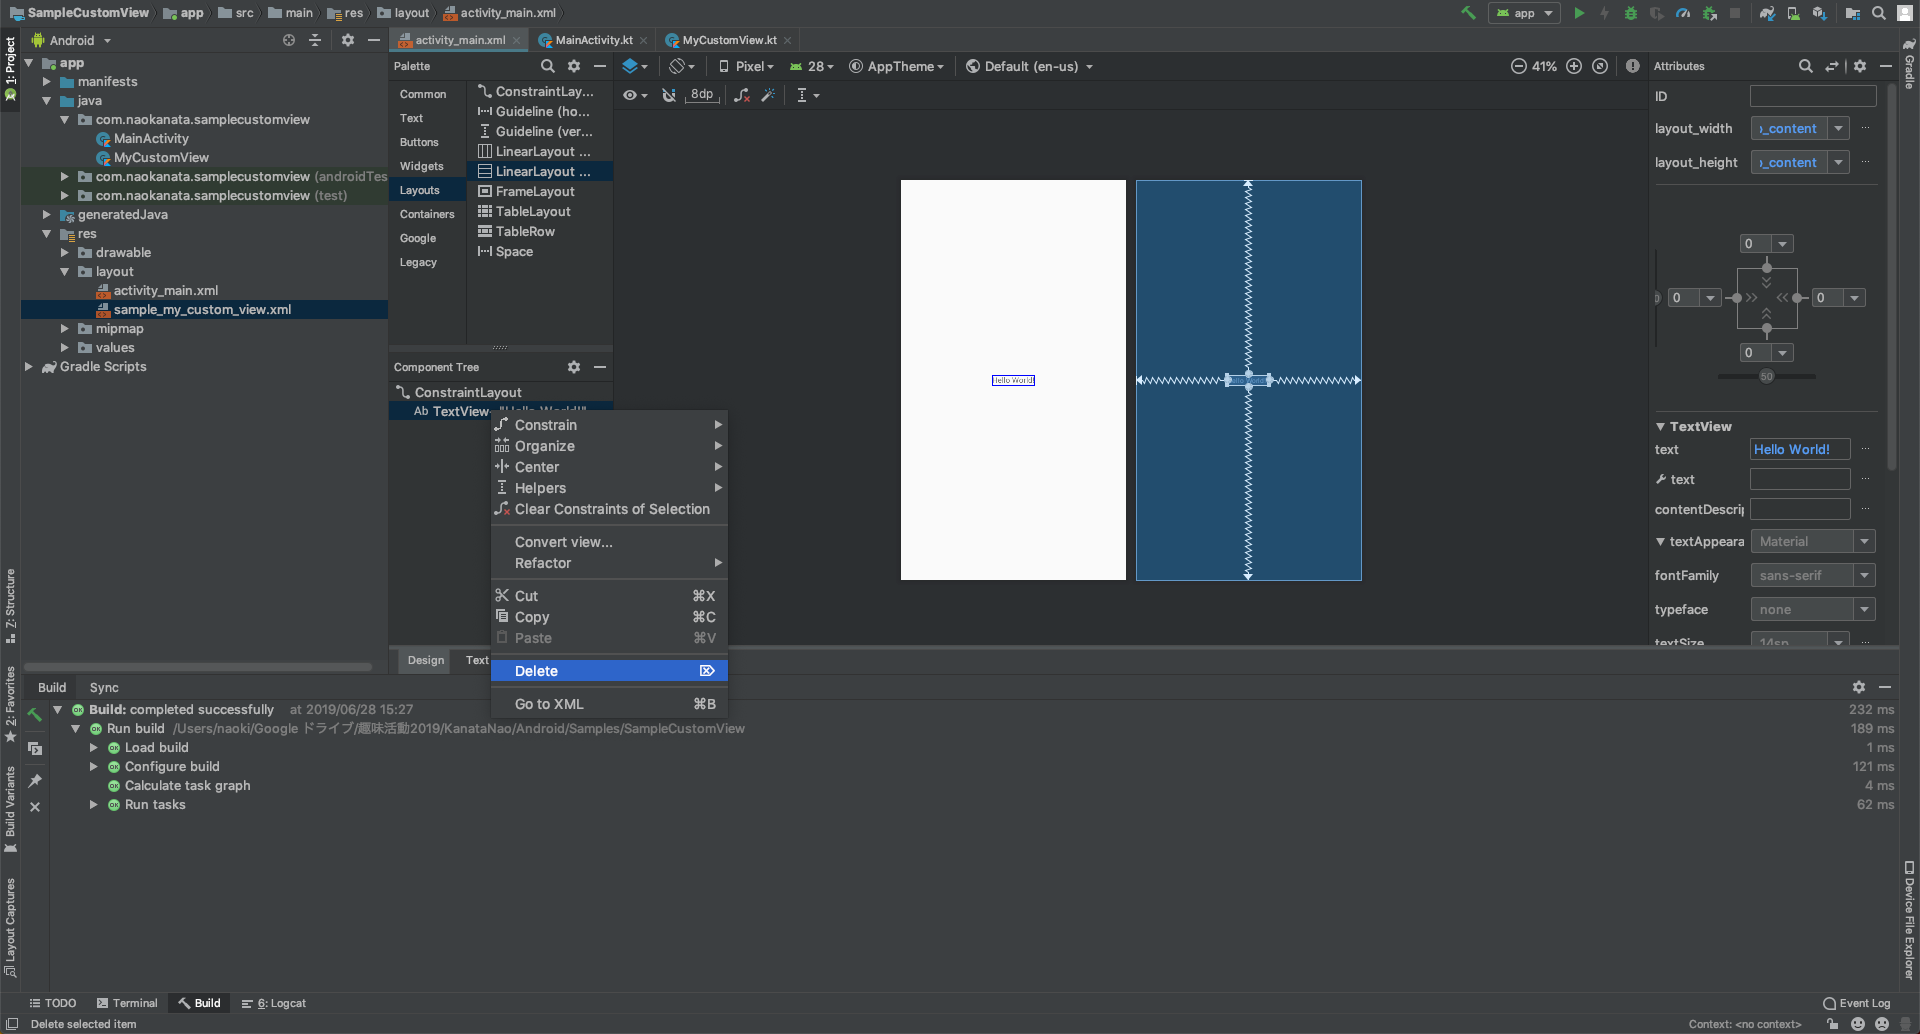 Android】Custom Viewの簡単な生成方法 for Kotlin - Qiita